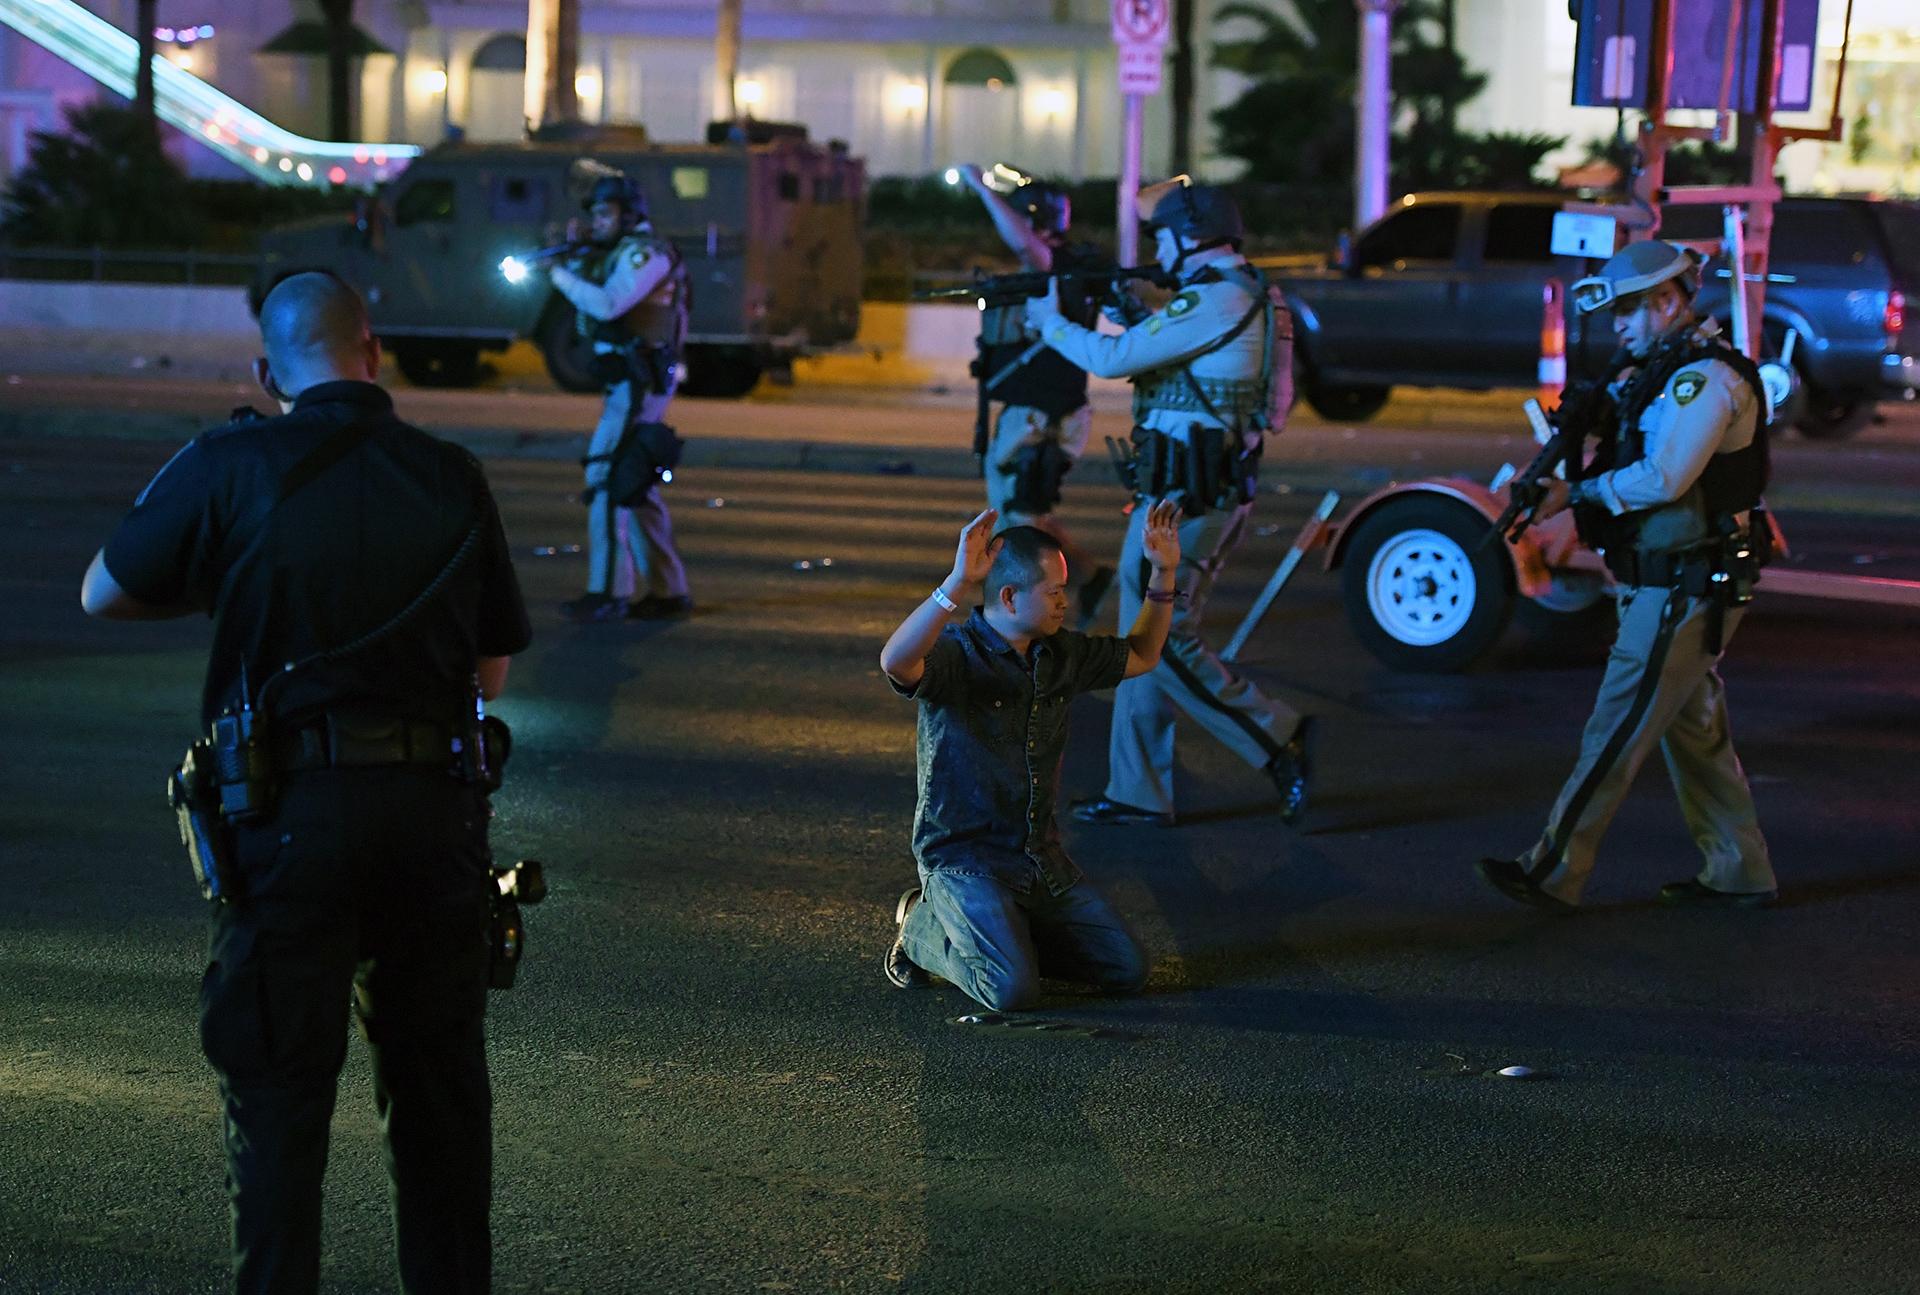 La policía de Las Vegas detiene a un hombre que conducía un vehículo en la Avenida Tropicana. Ethan Miller/Getty Images/AFP